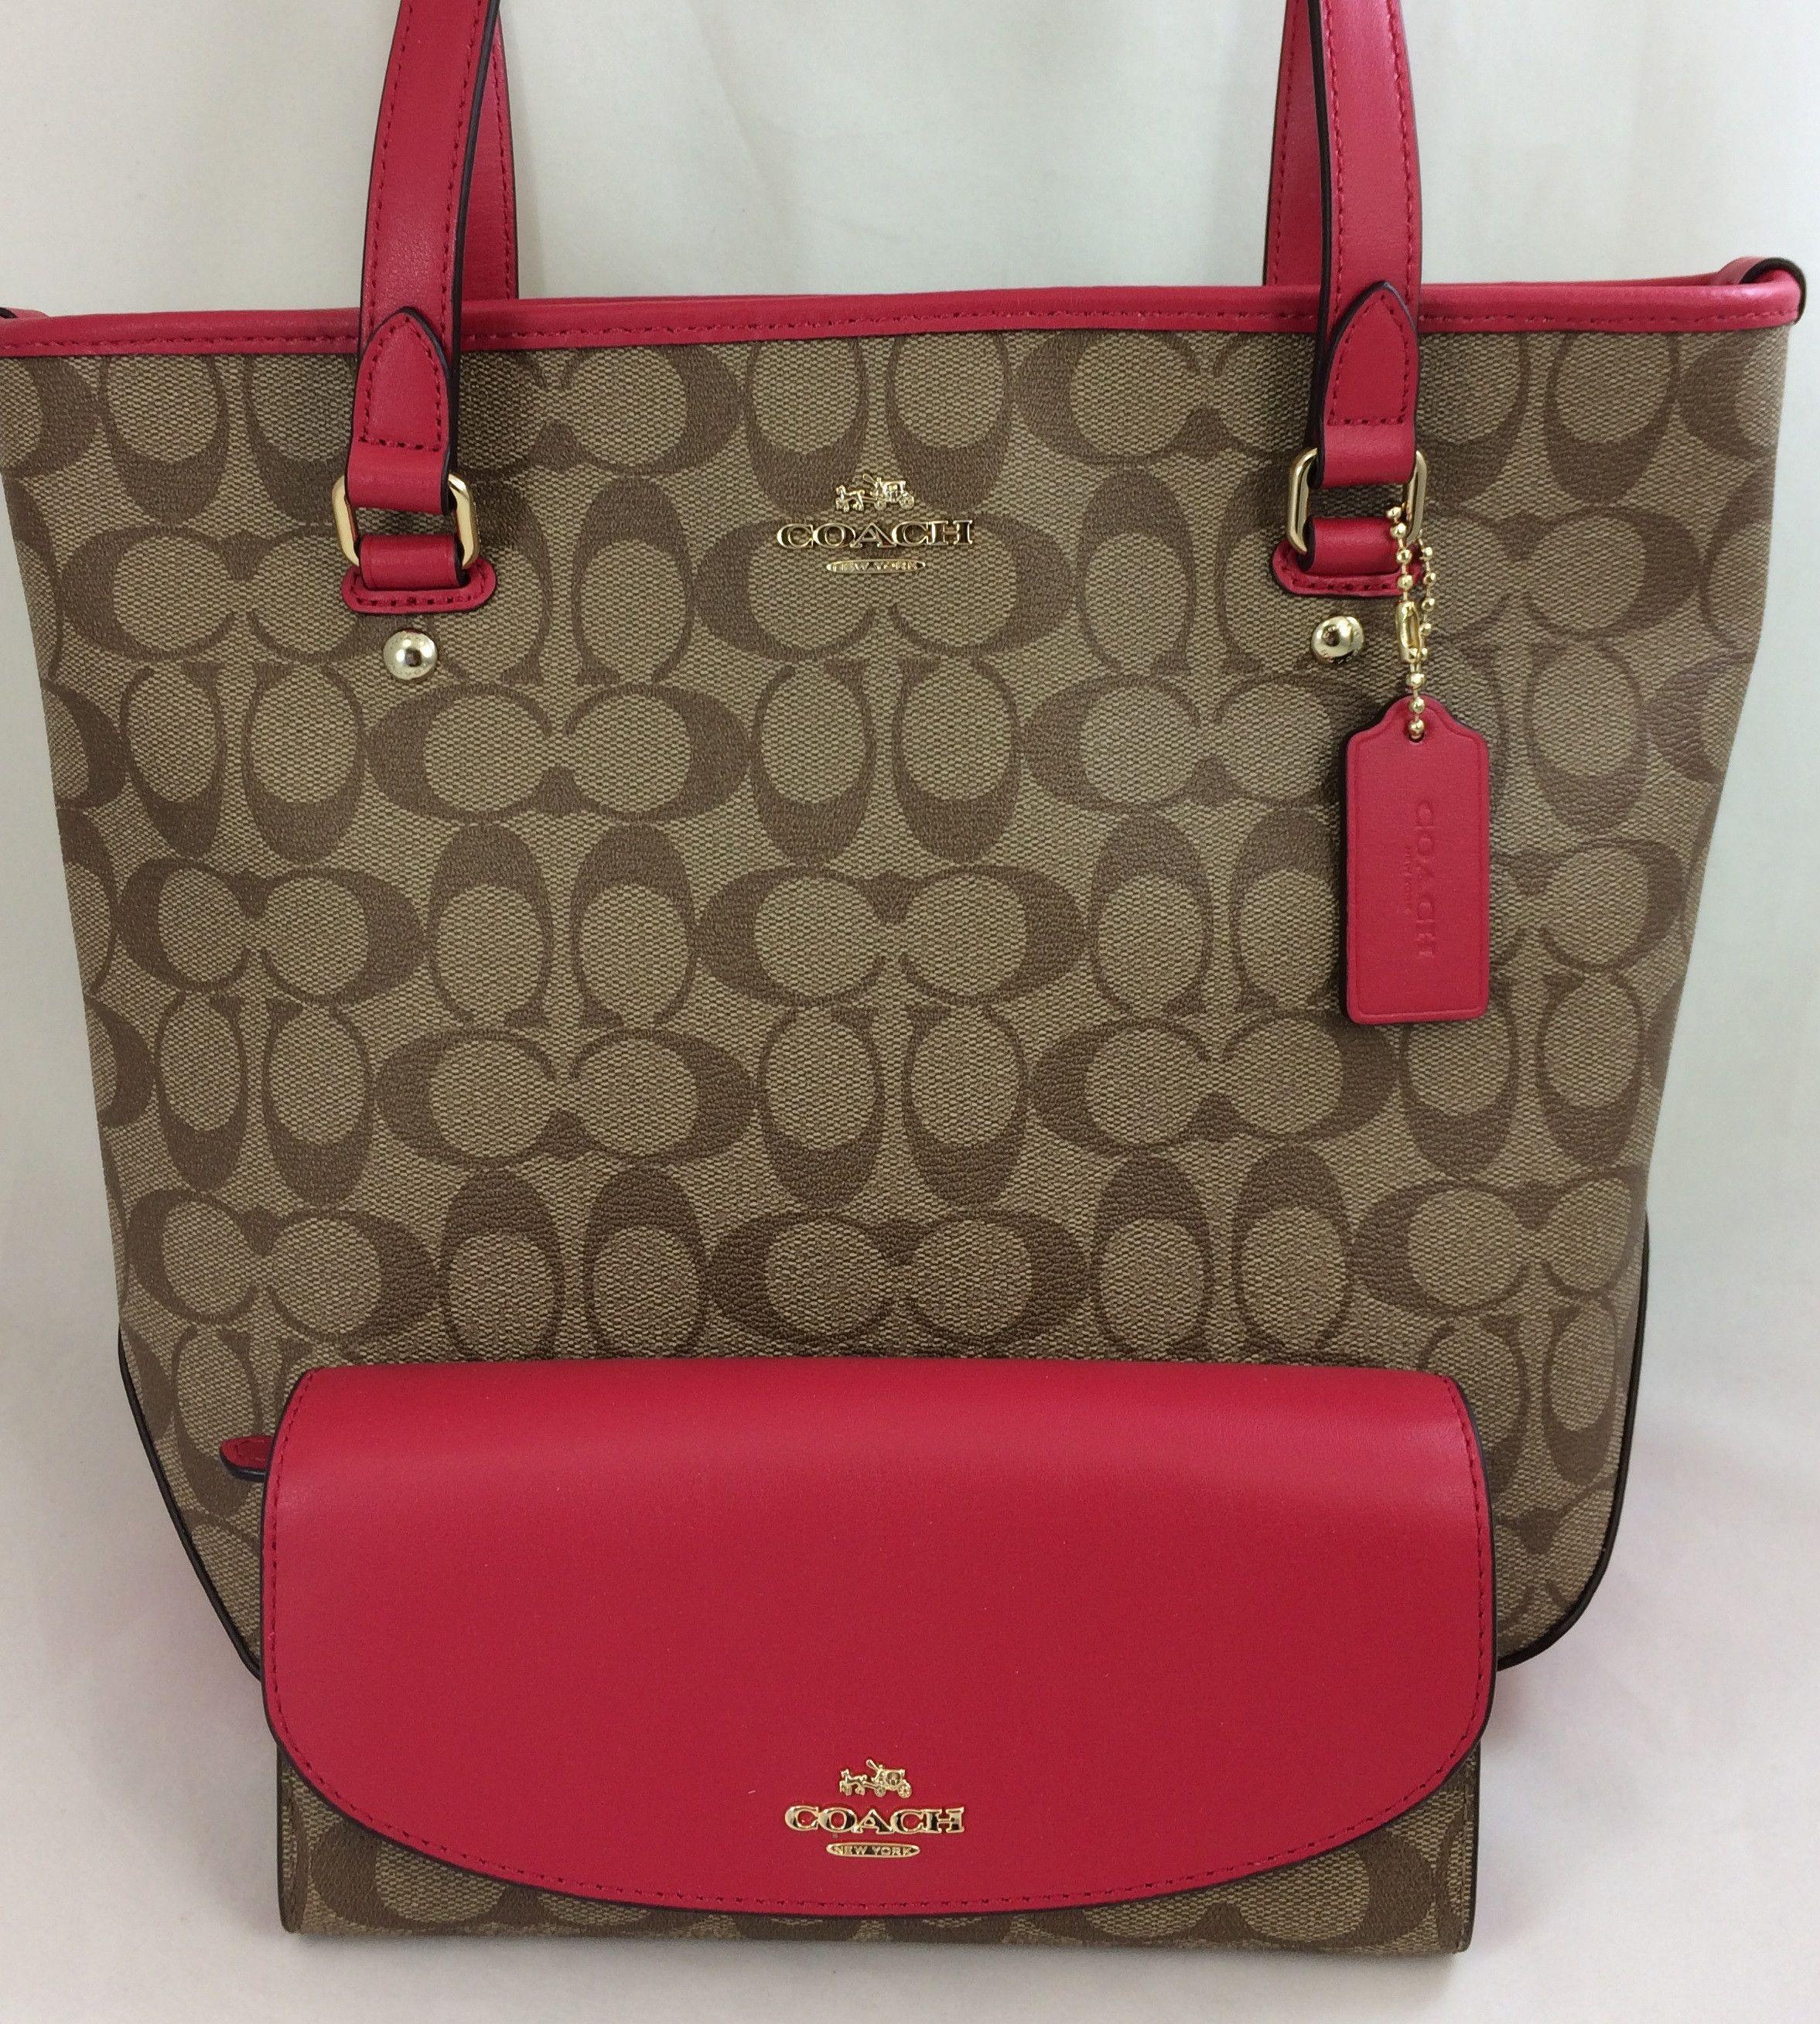 d7958b4a5682 New Authentic Coach F58294 Zip Top Tote Purse Handbag Shoulder Bag  Khaki Bright Pink+ Wallet